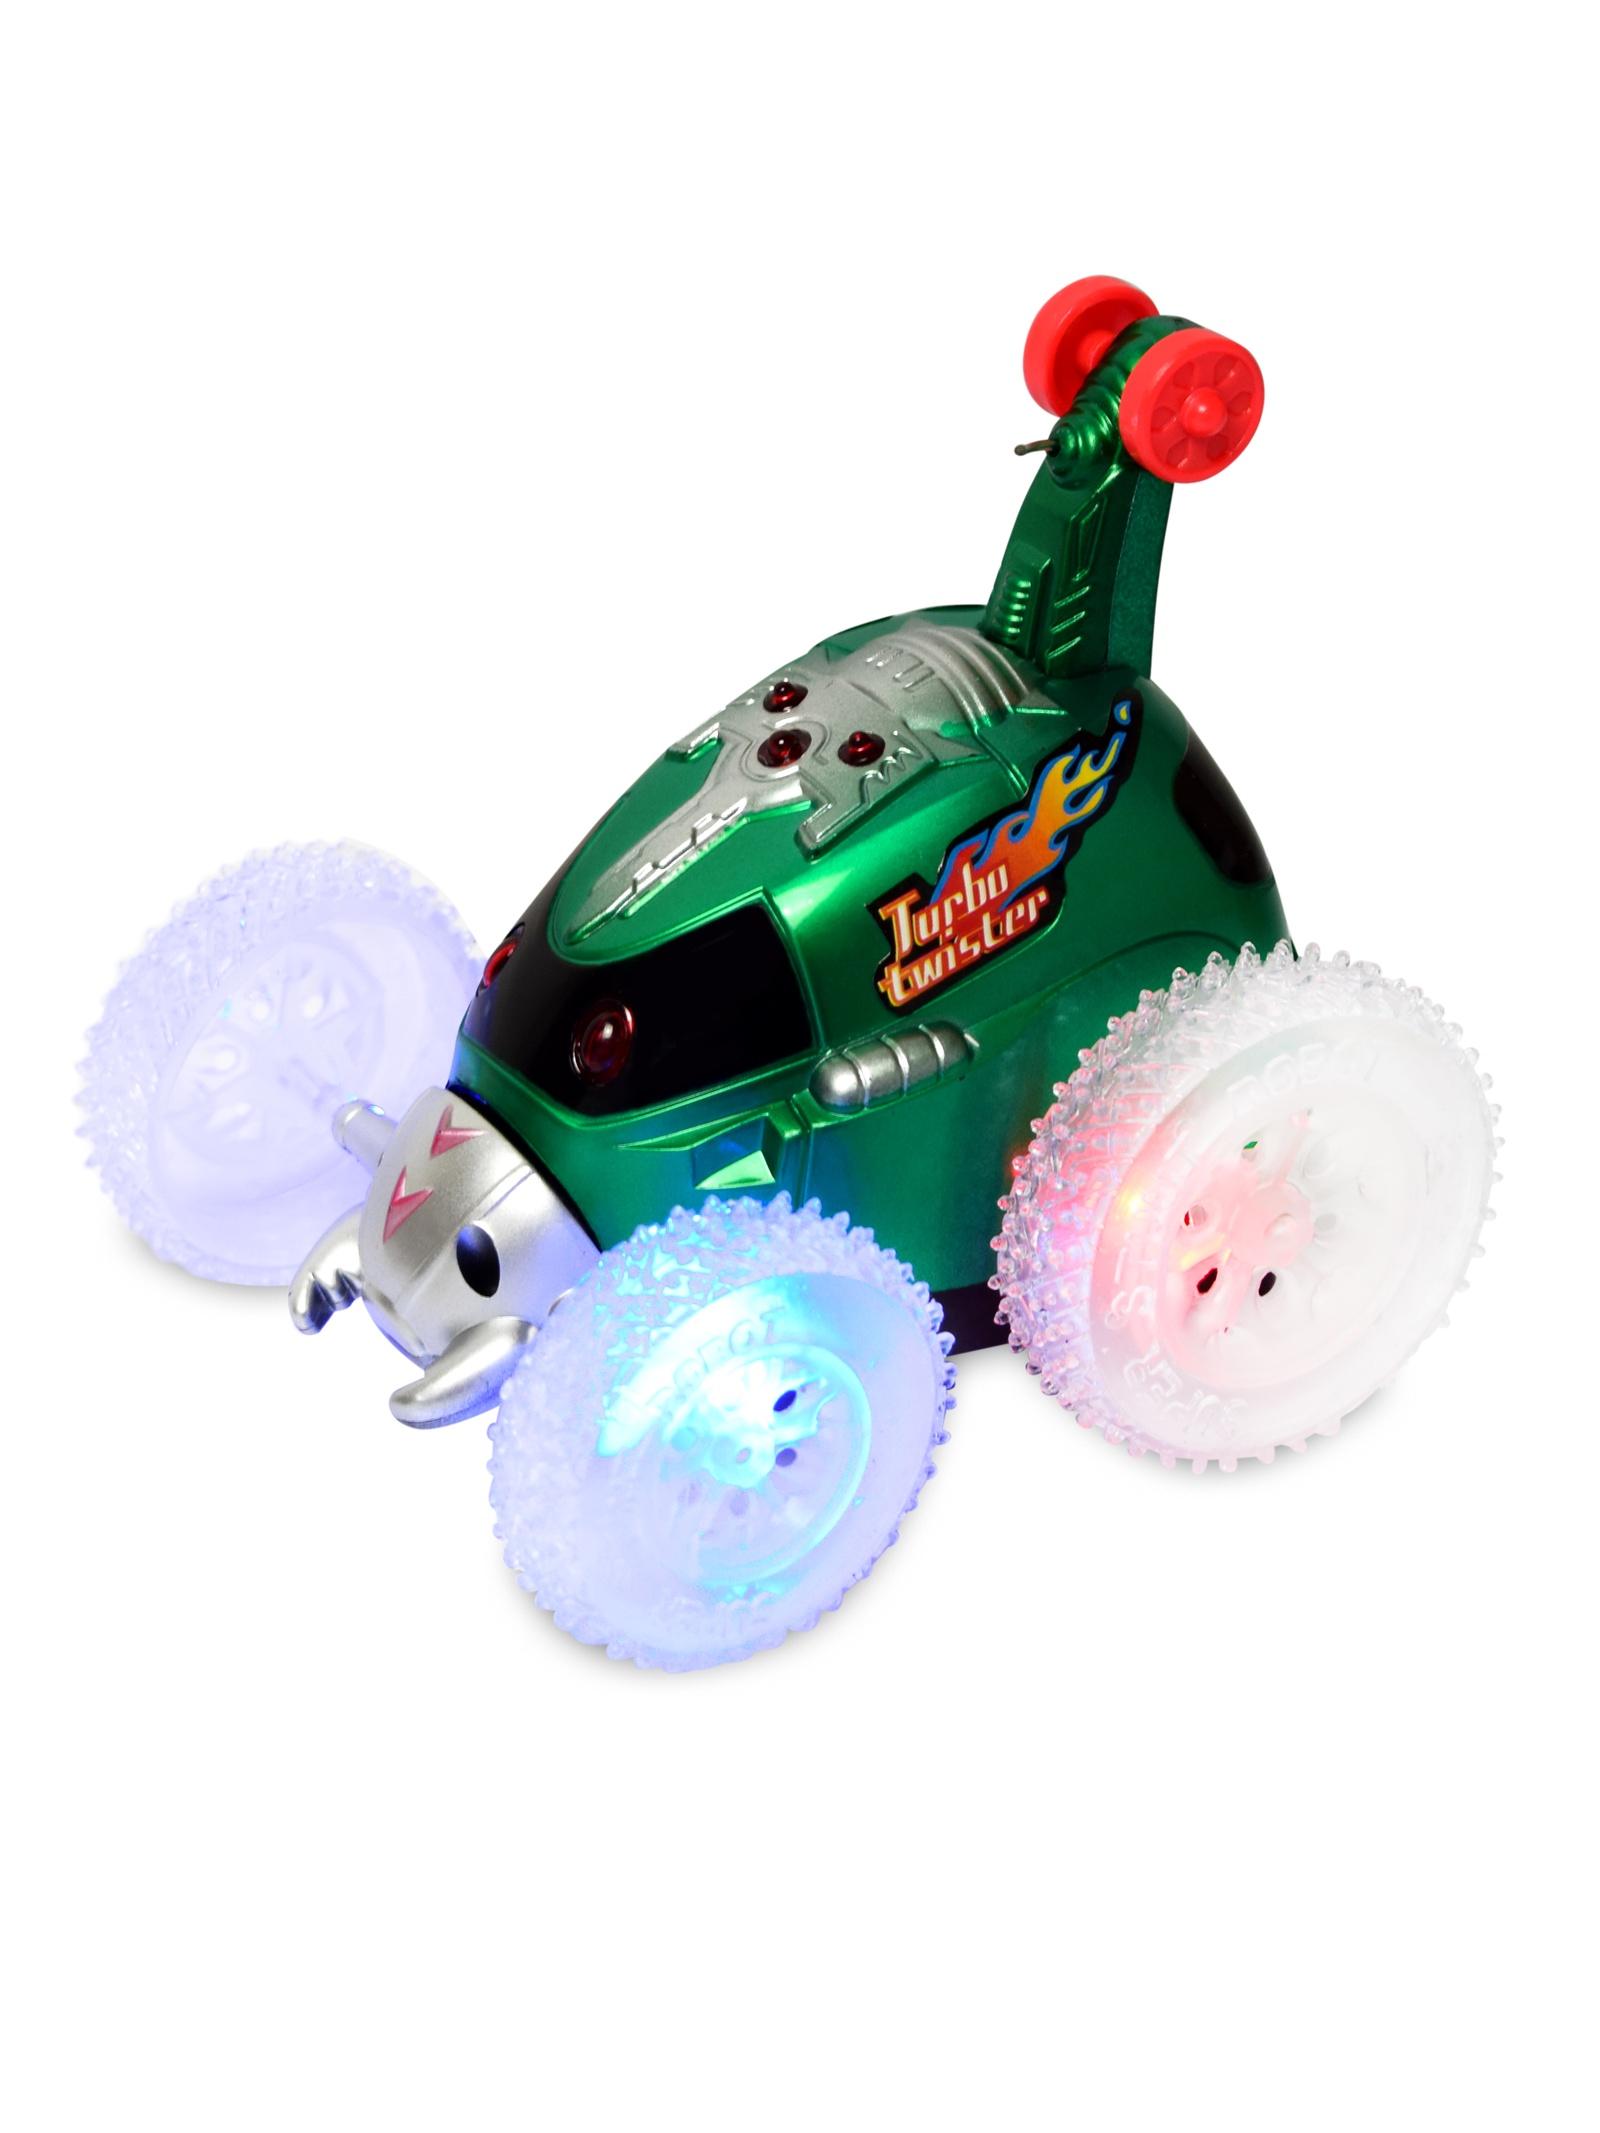 Машина-перевертыш JT Toys Р\У, В0558/зеленый радиоуправляемые игрушки оптом